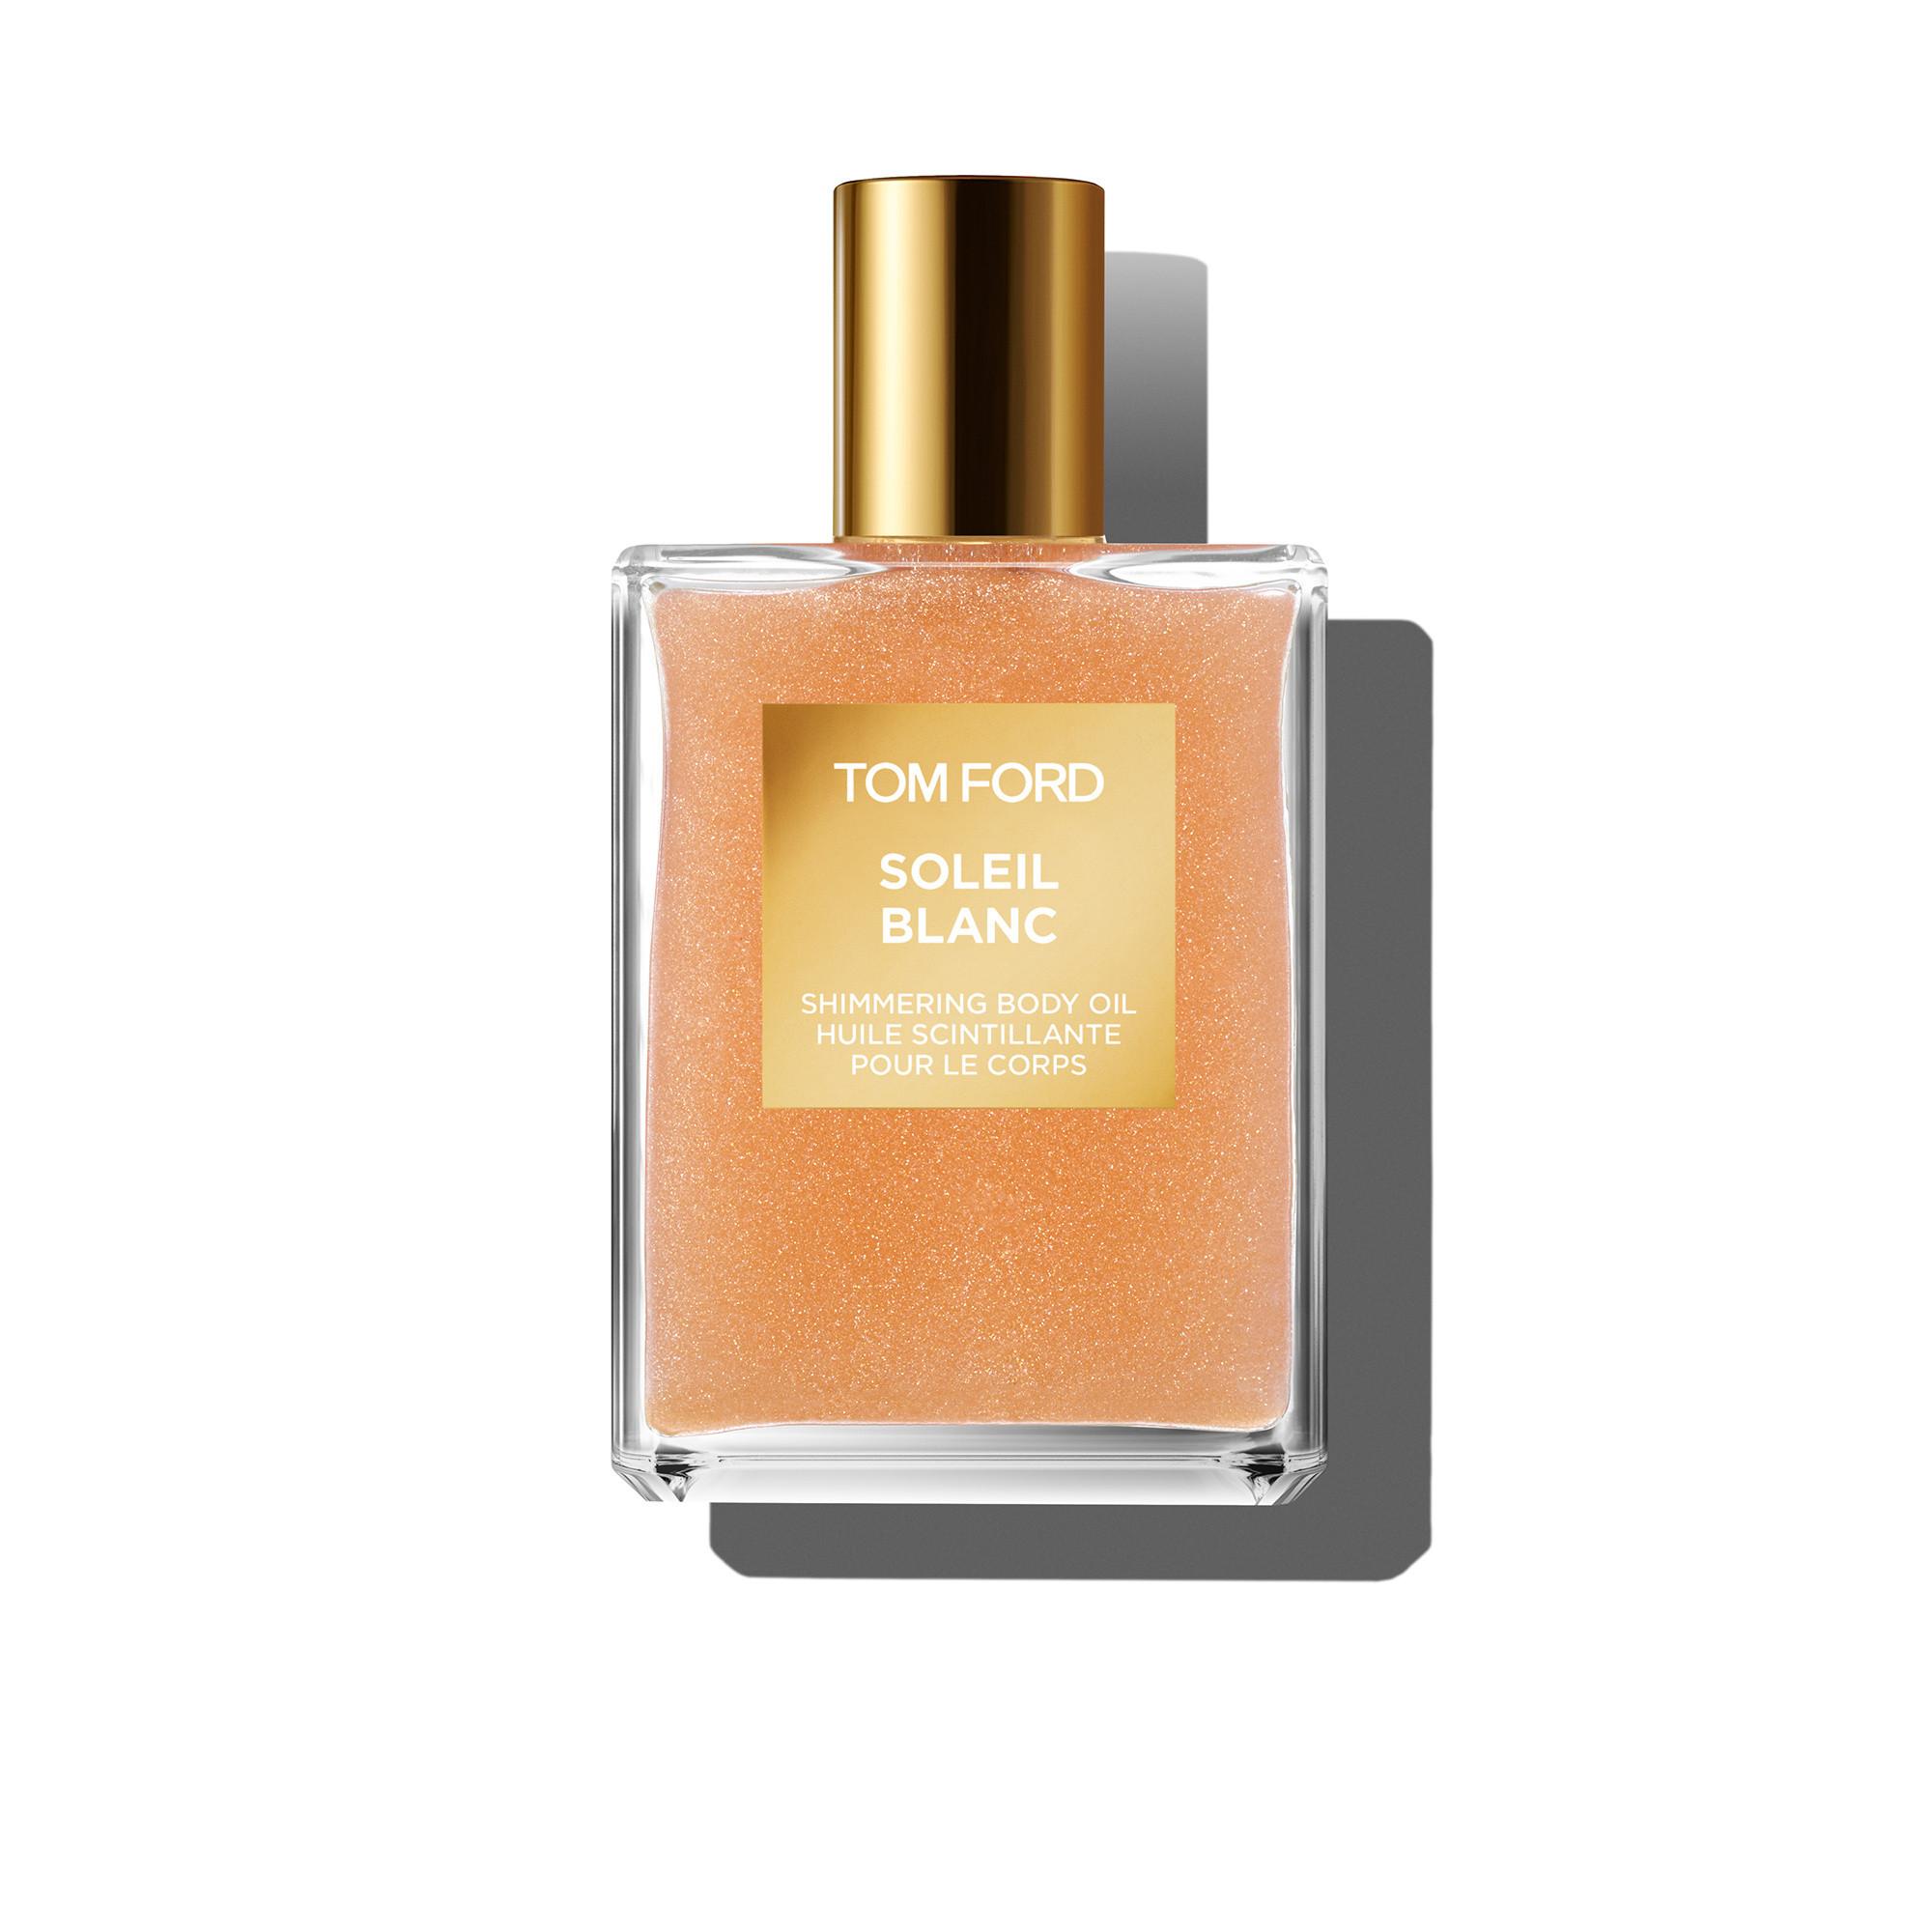 Tom Ford Soleil Blanc Shimmering Body Oil Rose Gold, Bianco, large image number 0